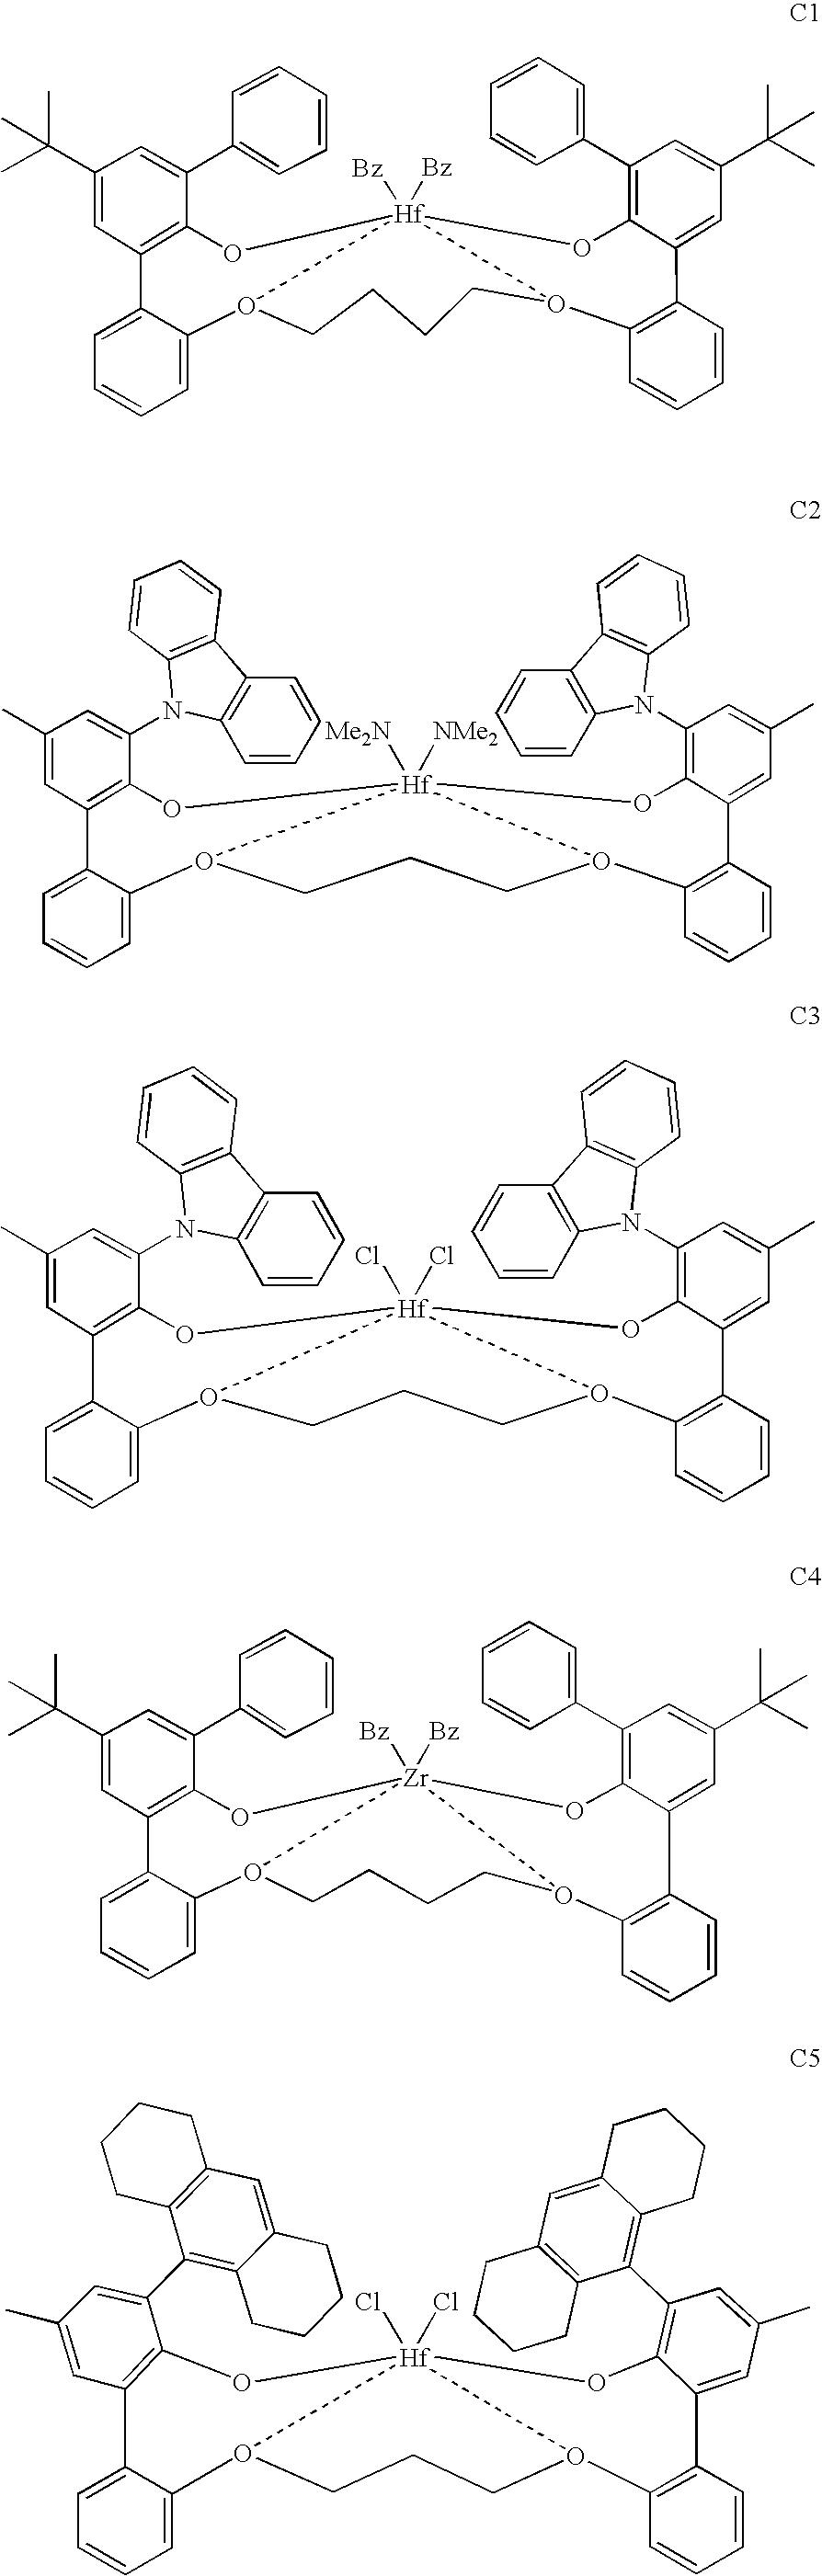 Figure US06897276-20050524-C00098